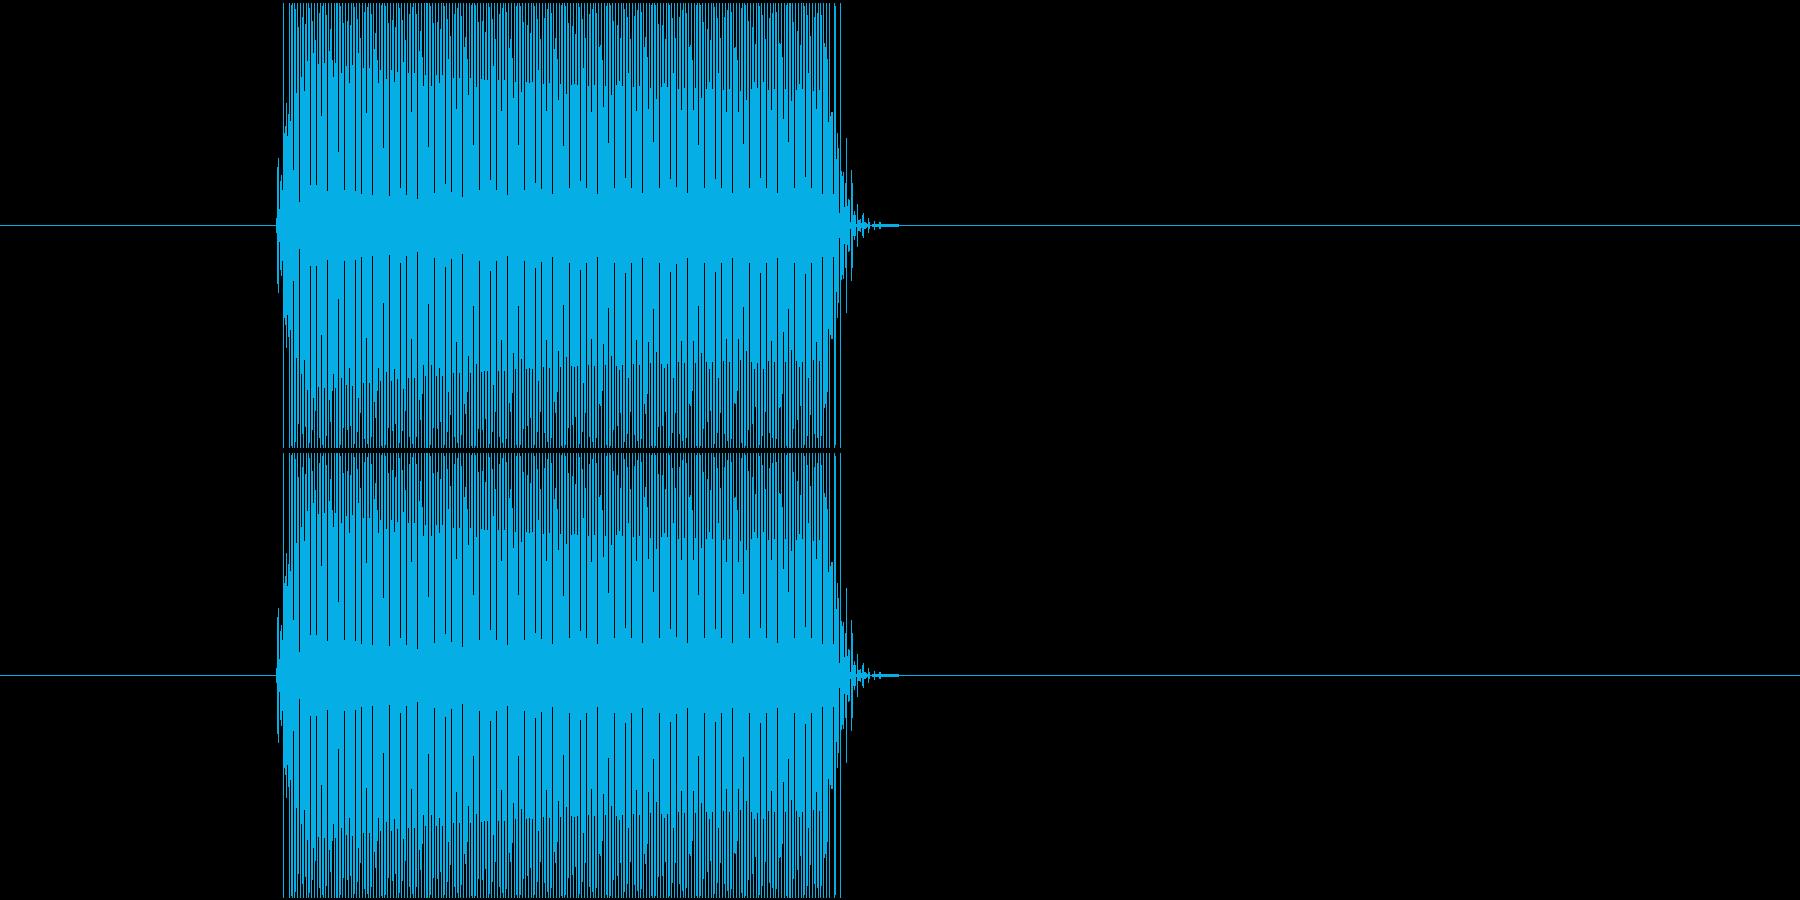 レジのピッというスキャン音 スーパーの再生済みの波形